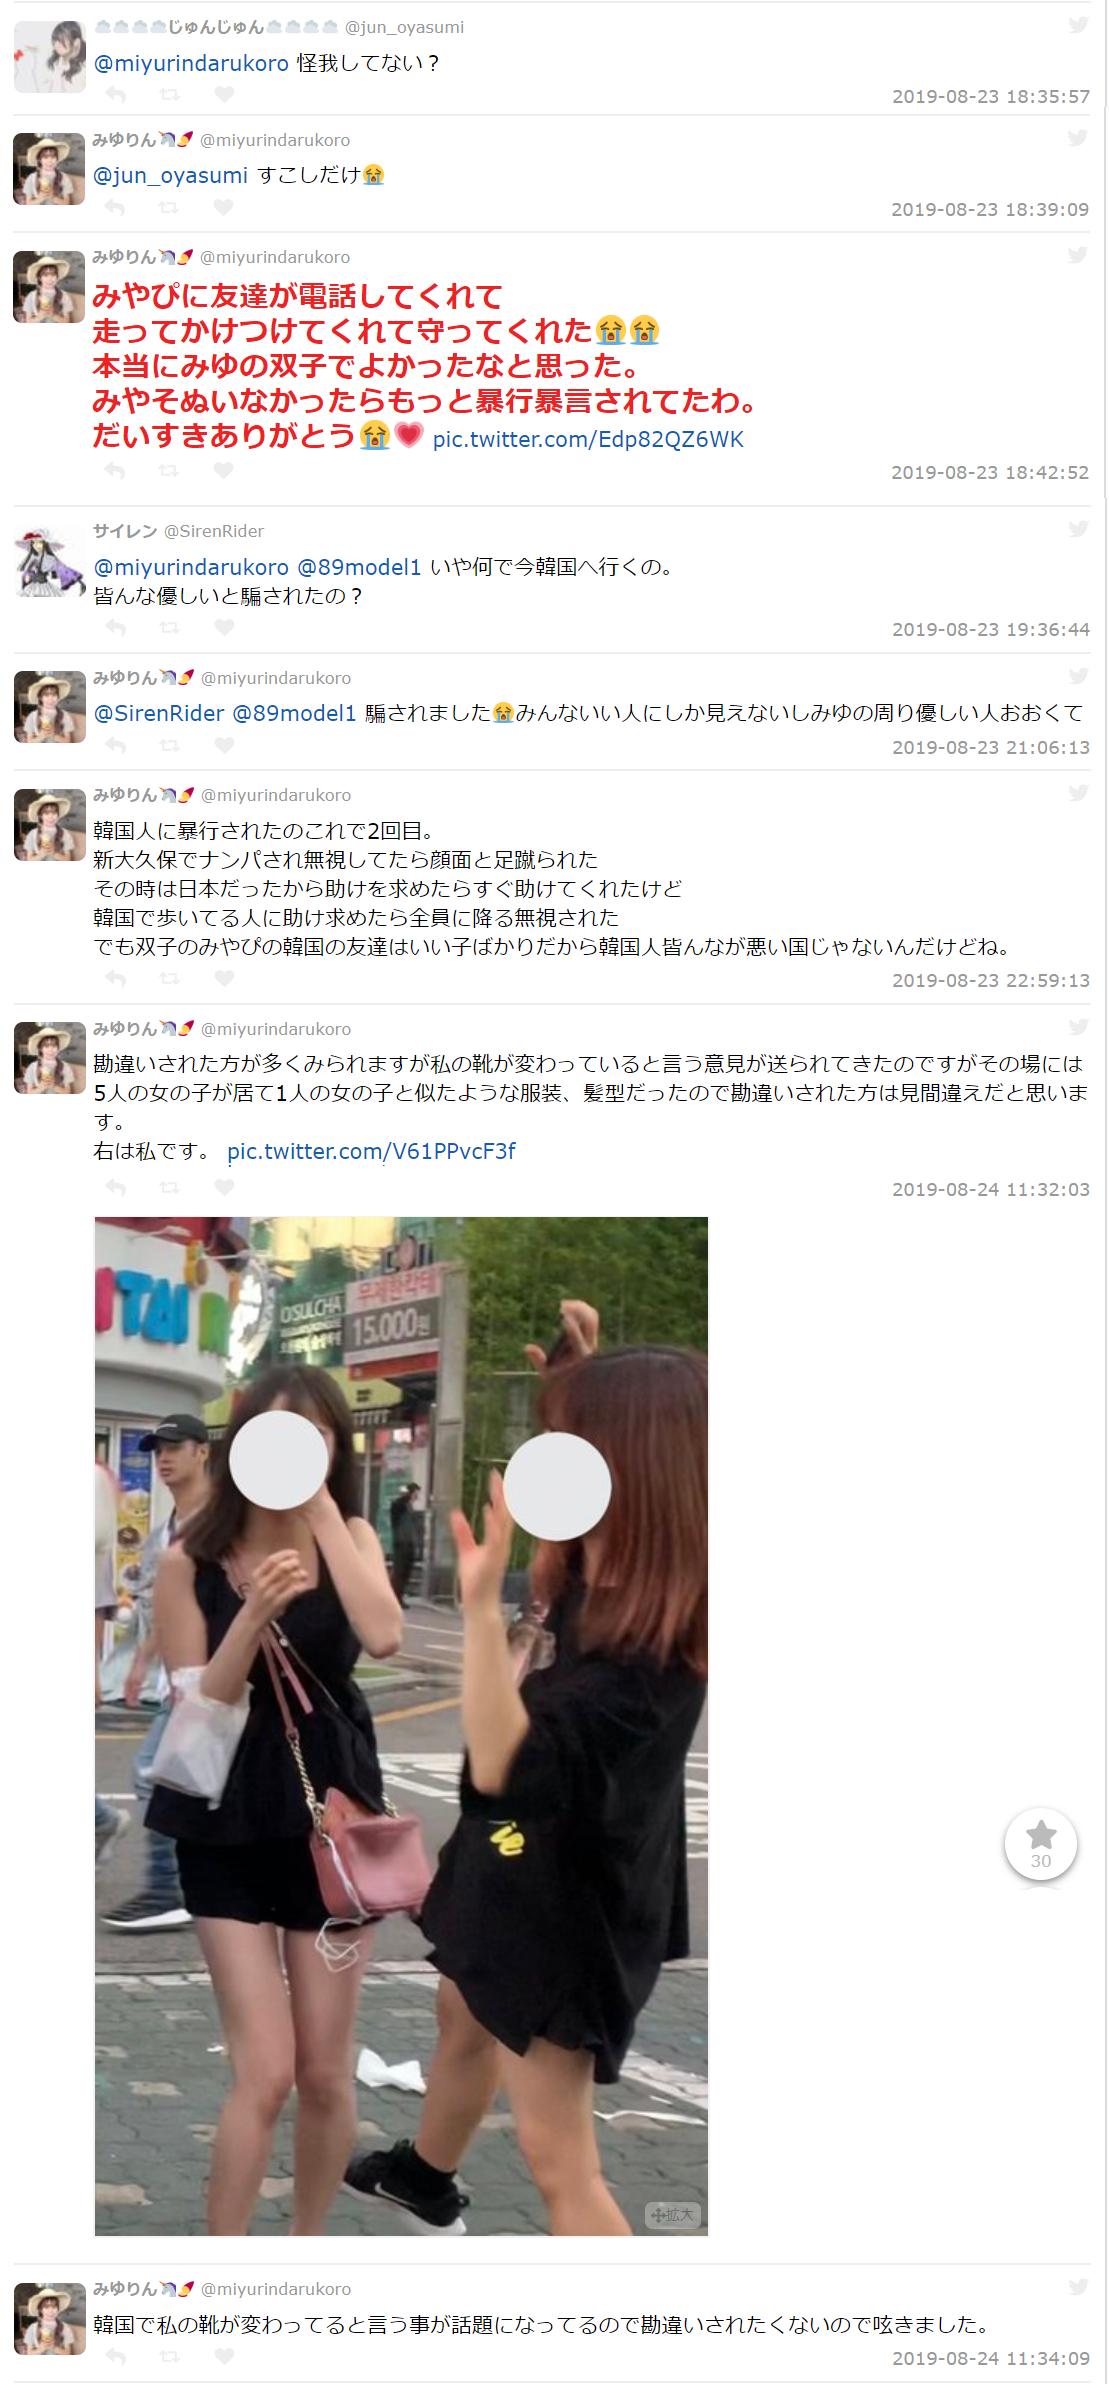 日本人女子が下朝鮮で暴行される1_4